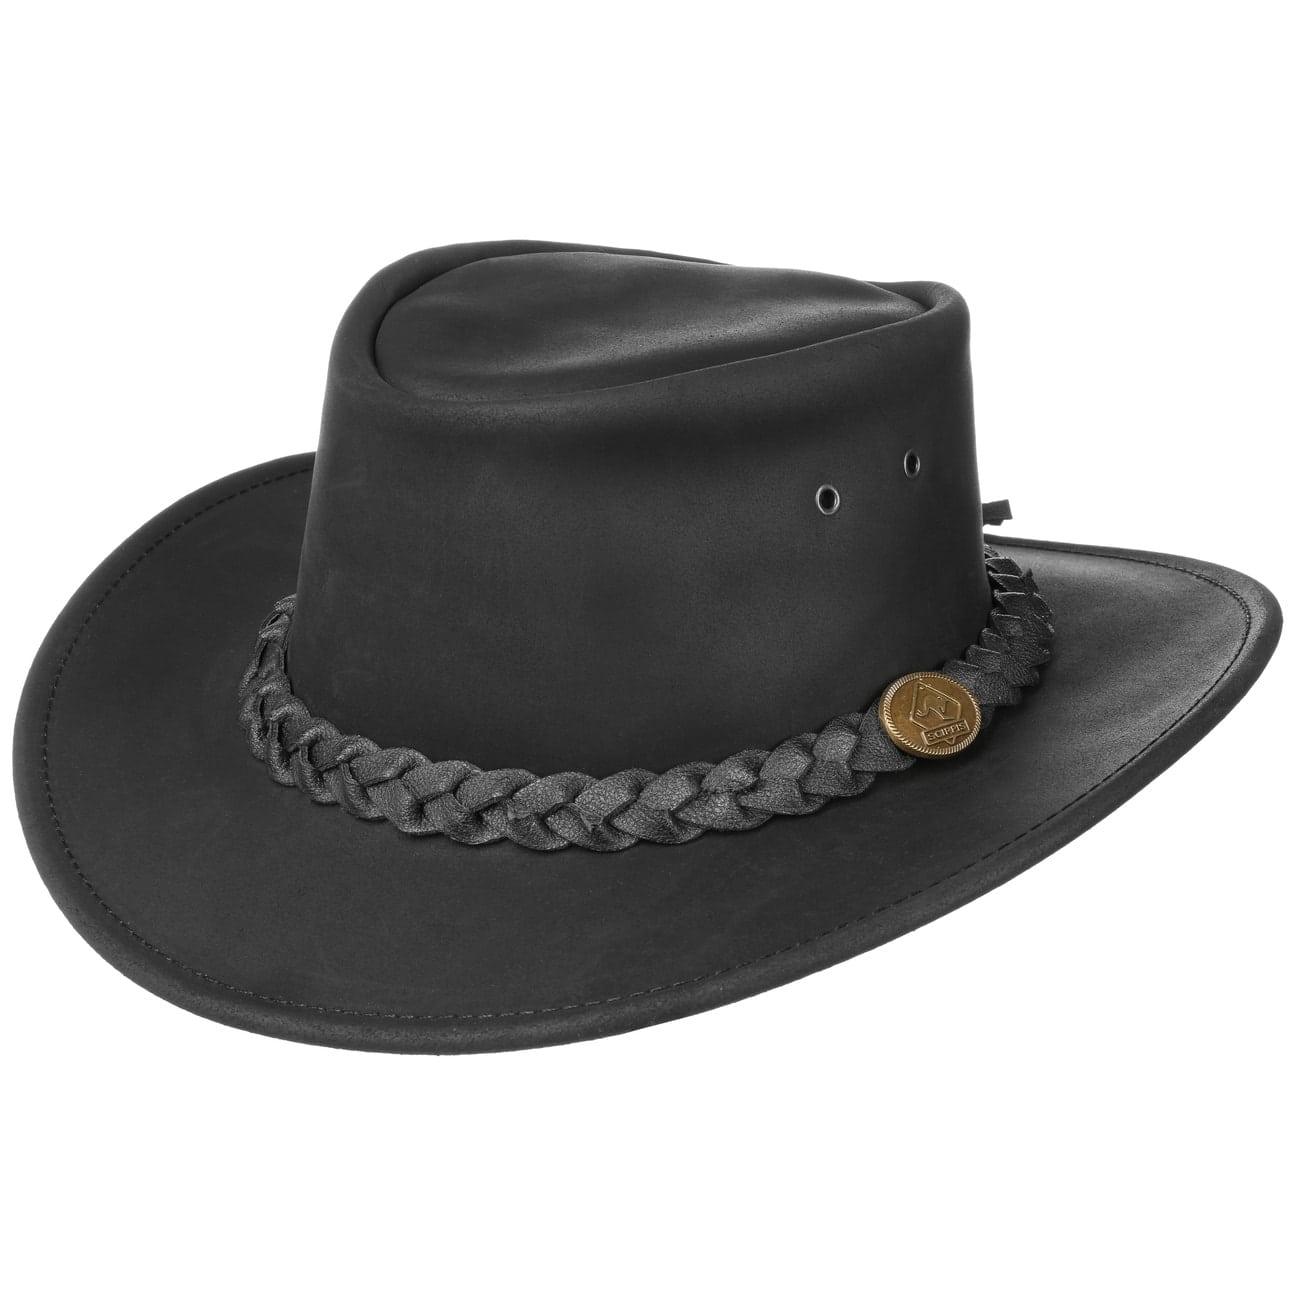 Sombrero de Piel Bushman by Scippis  sombrero de piel